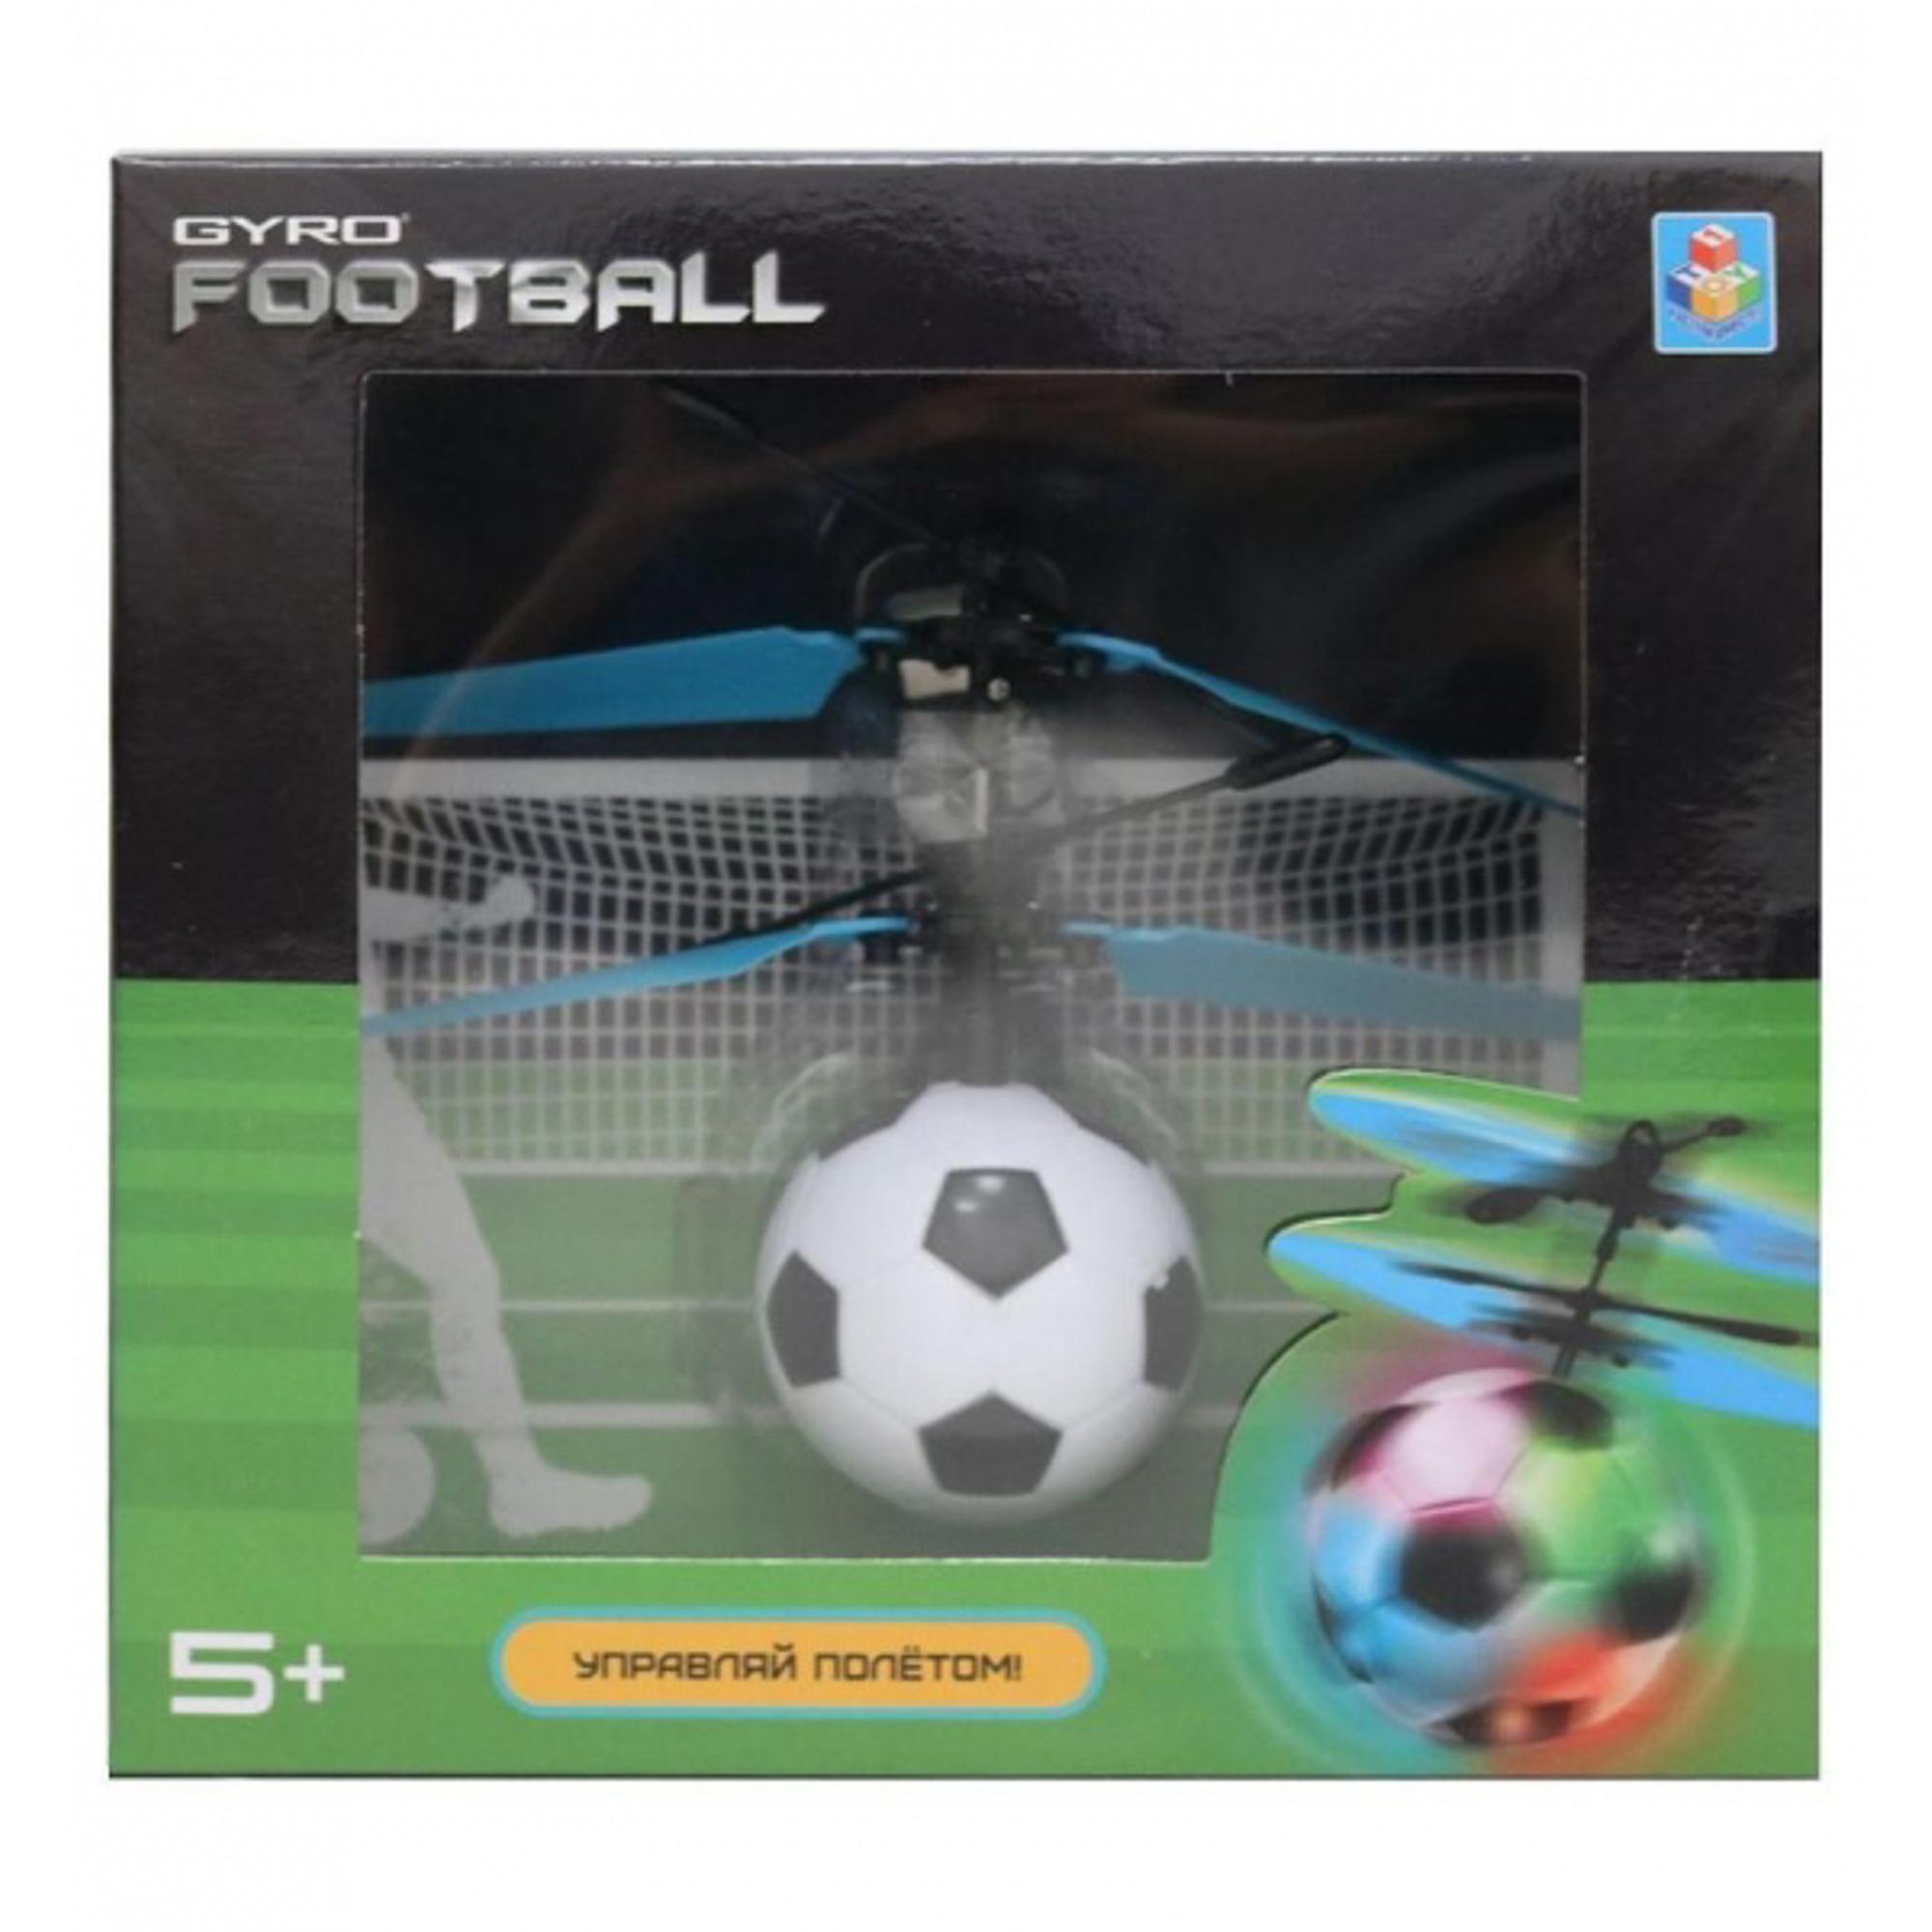 Купить Шар 1TOY Gyro Football на сенсорном управлении 4.5 см, Китай, пластик, Настольные игры